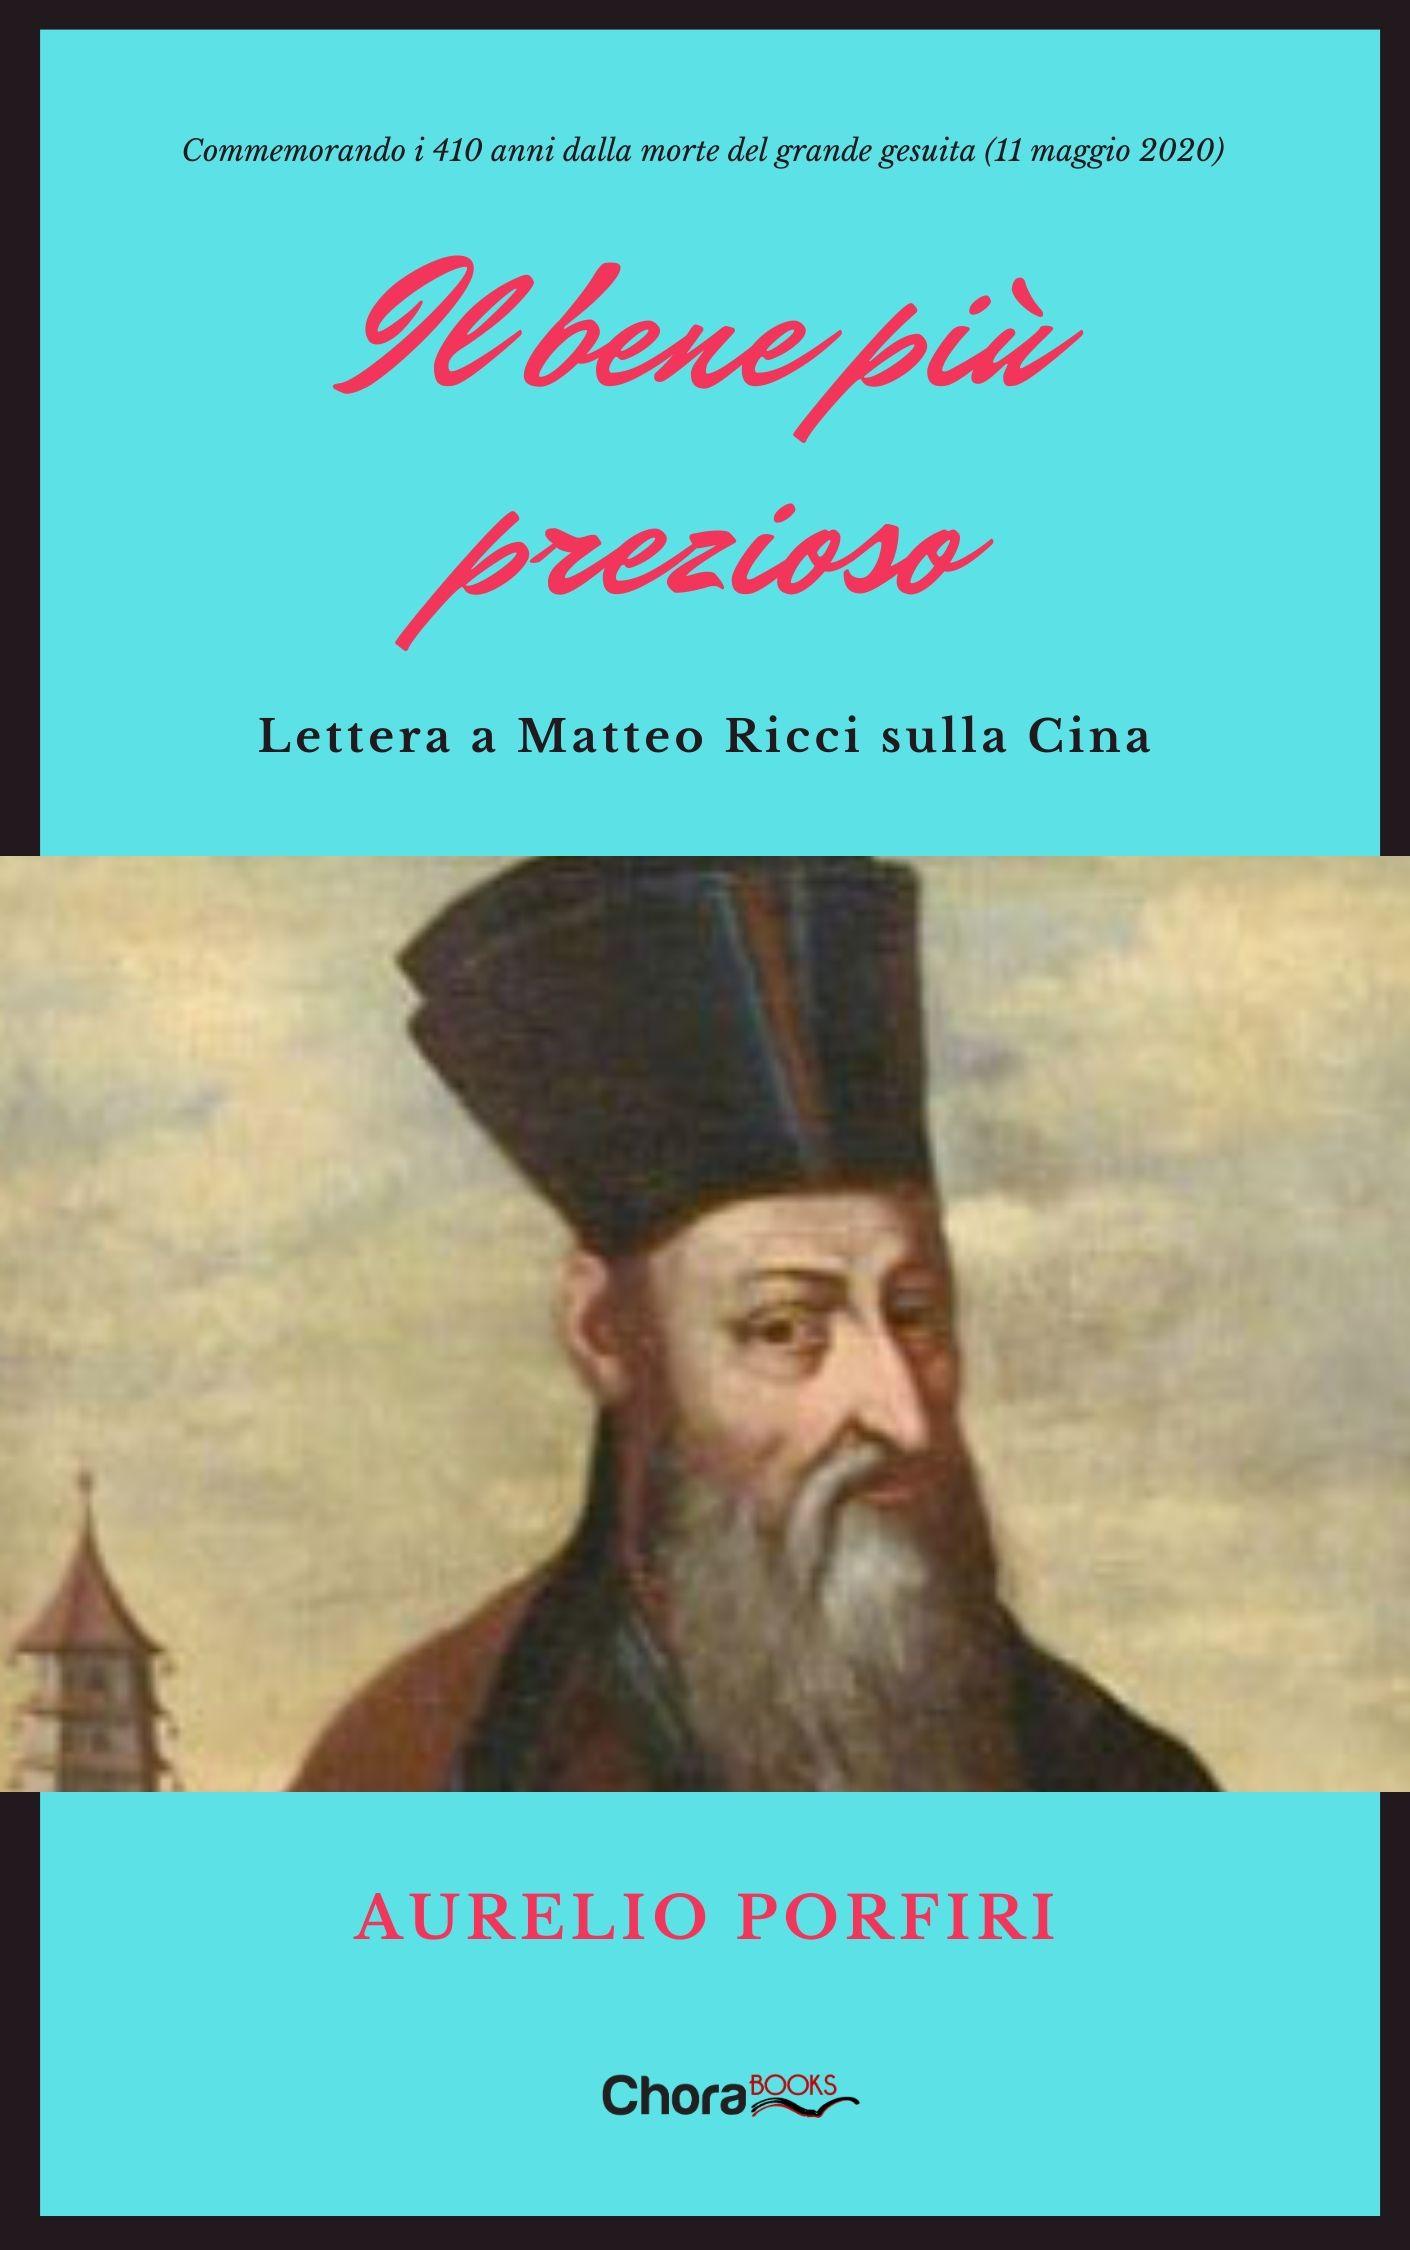 11 maggio, a 410 anni dalla morte lettera al gesuita Matteo Ricci sulla Cina